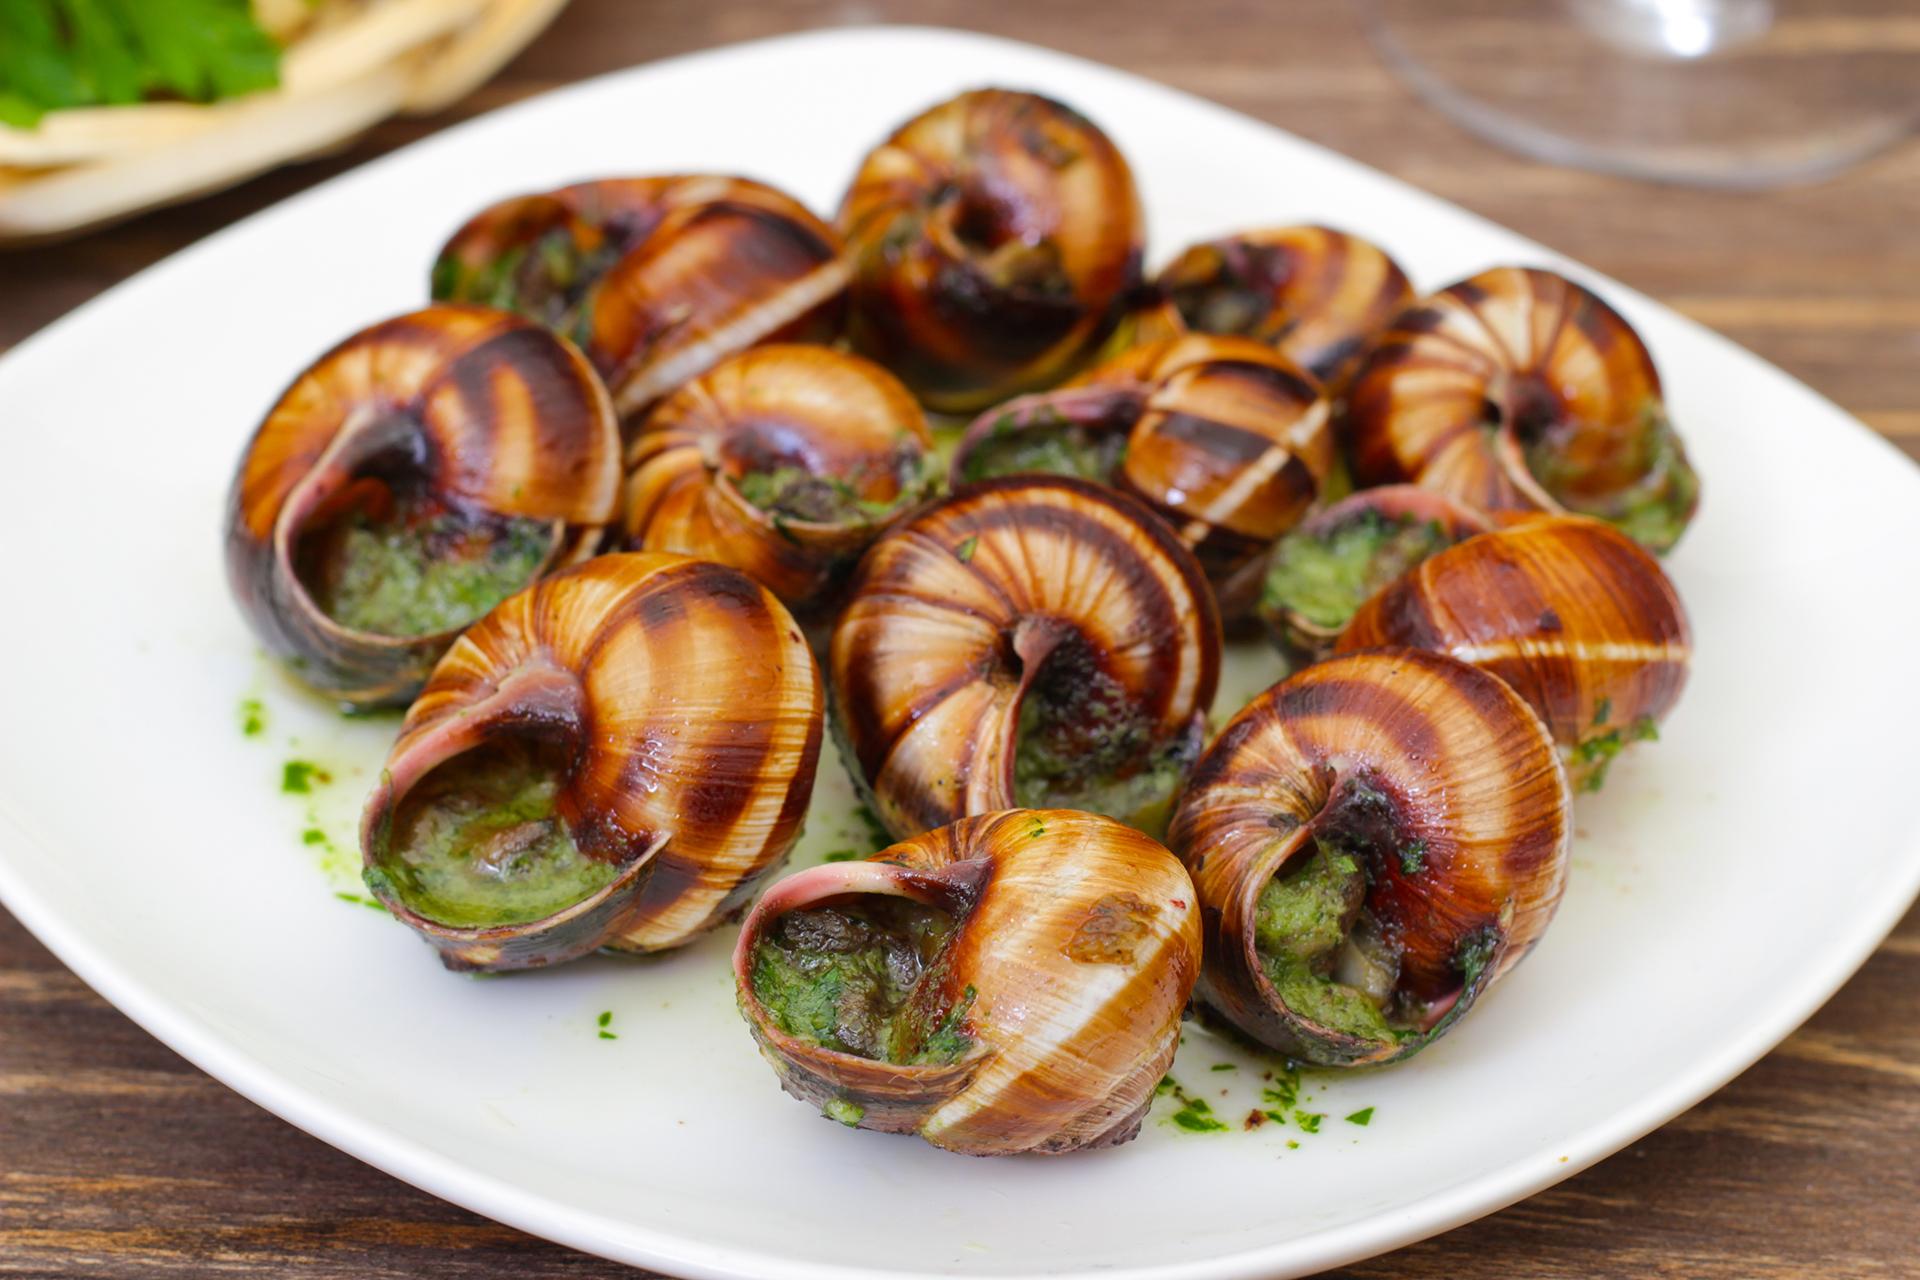 El escargot o caracol es un plato de caracoles de tierra cocidos, que por lo general se sirve como entrada